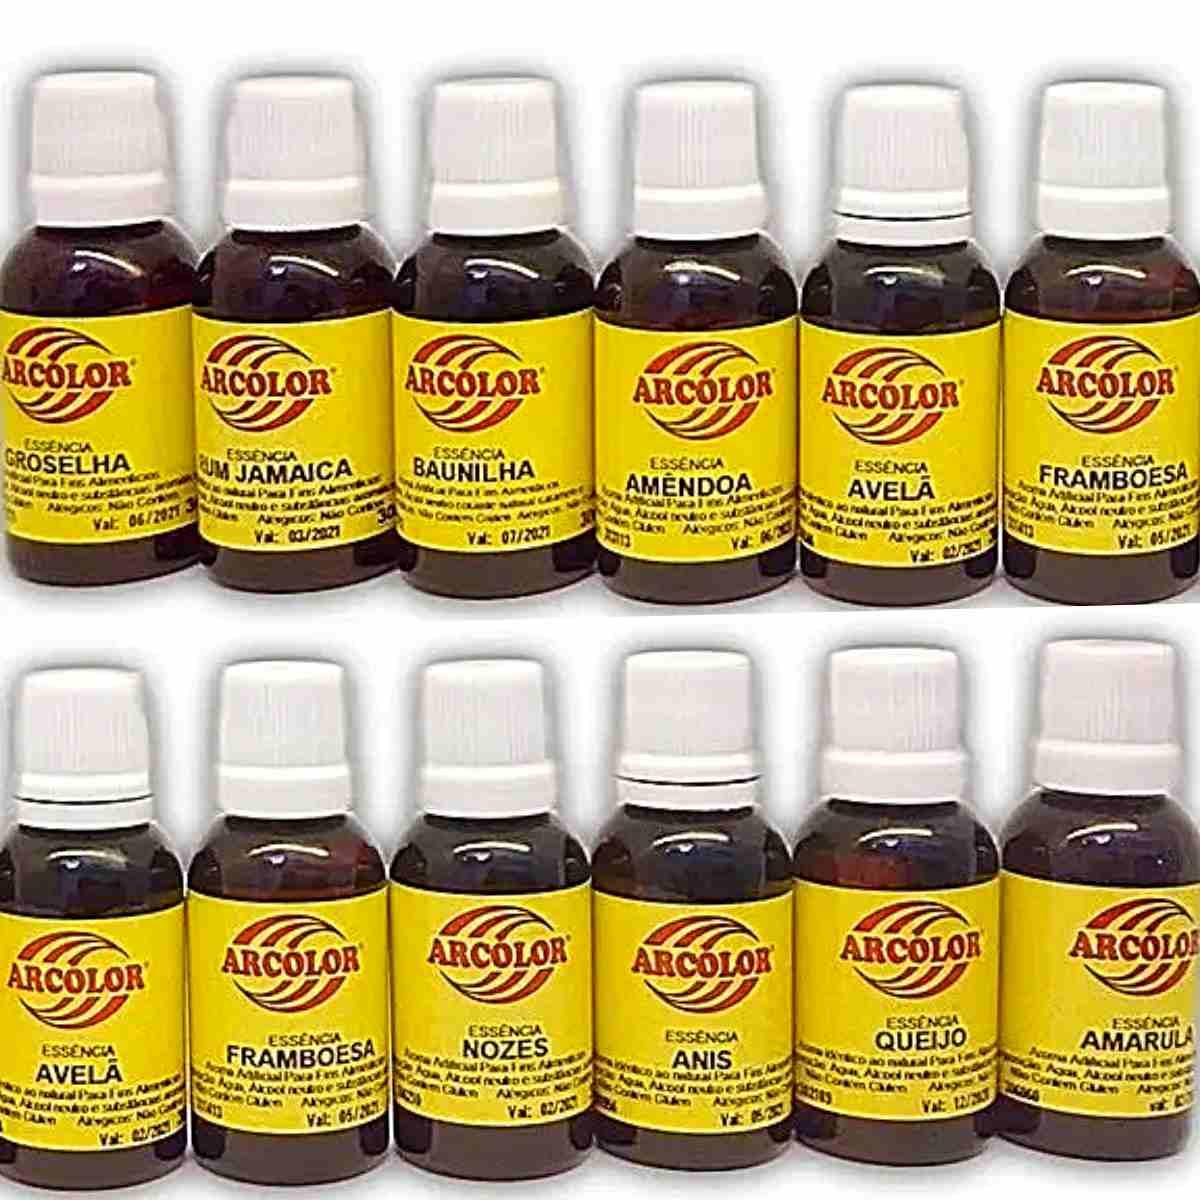 Essência Artificial Comestível 30ml Arcolor Kit 10 Unidades